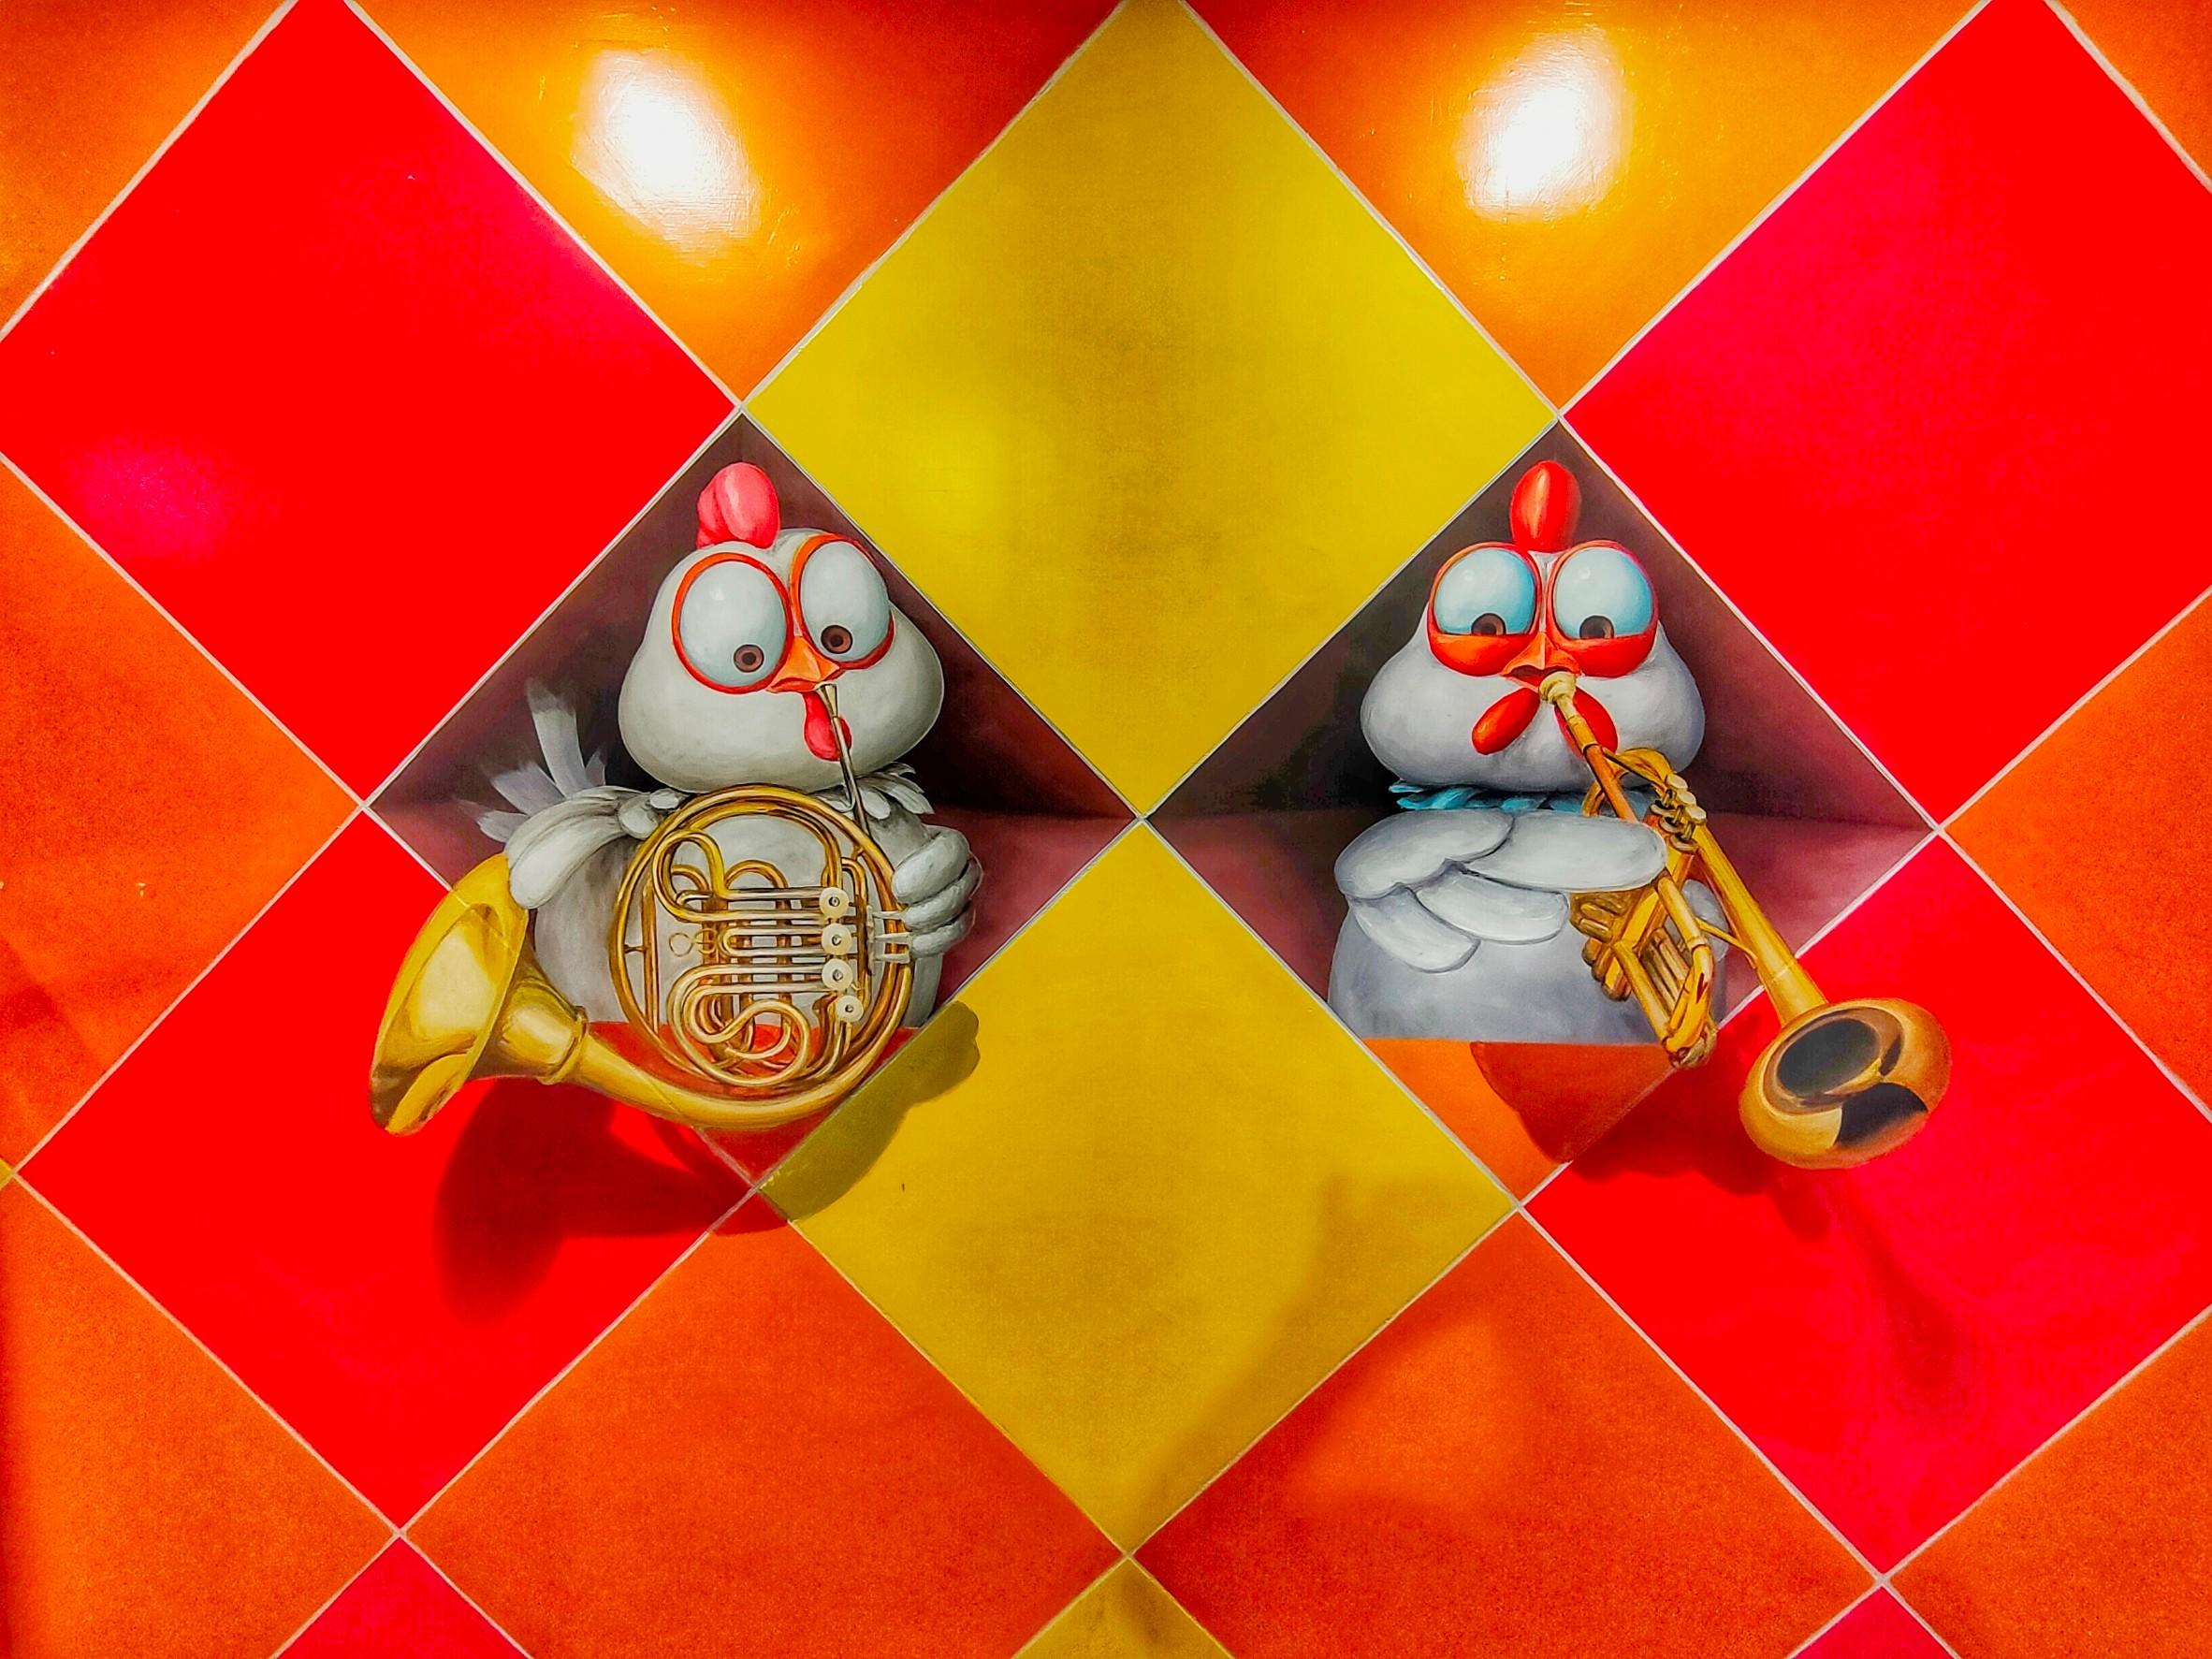 中壢火車站美食,中壢美食,中壢炸雞,中壢蛋塔,中壢捷運 ,桃園捷運,下午茶,遊戲室,烤雞腿,香雞城